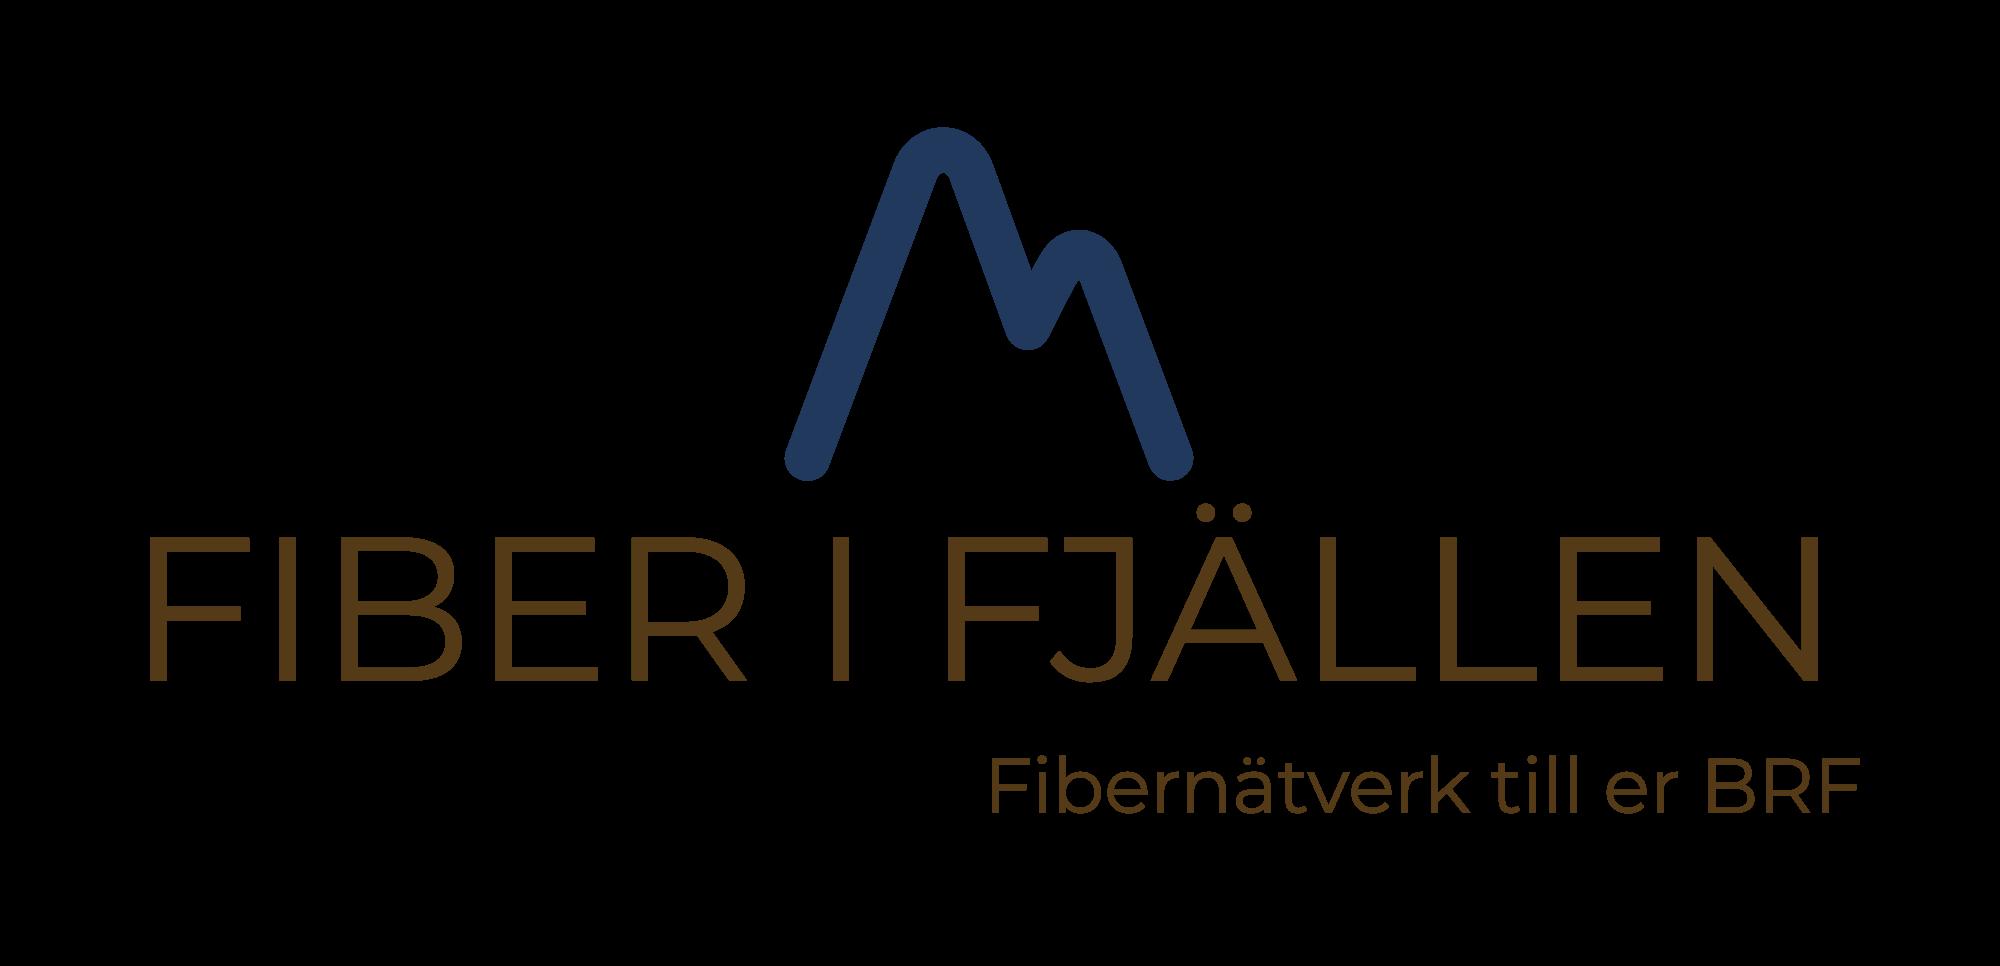 Bilden visar fiber i fjällen logo